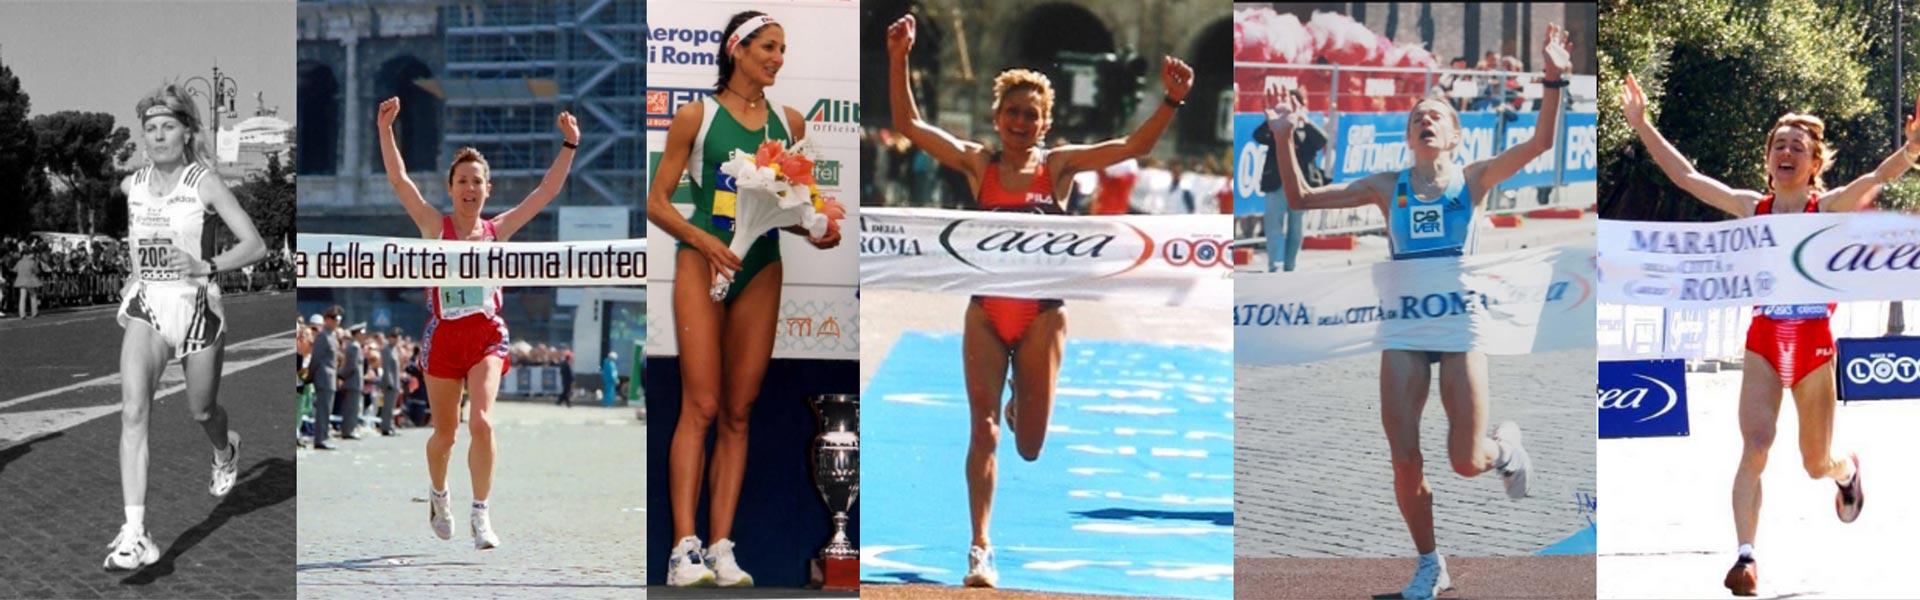 """Oggi 8 marzo celebriamo le 6 donne italiane vincitrici della maratona a Roma: """"La maratona è per le donne che non si arrendono"""""""